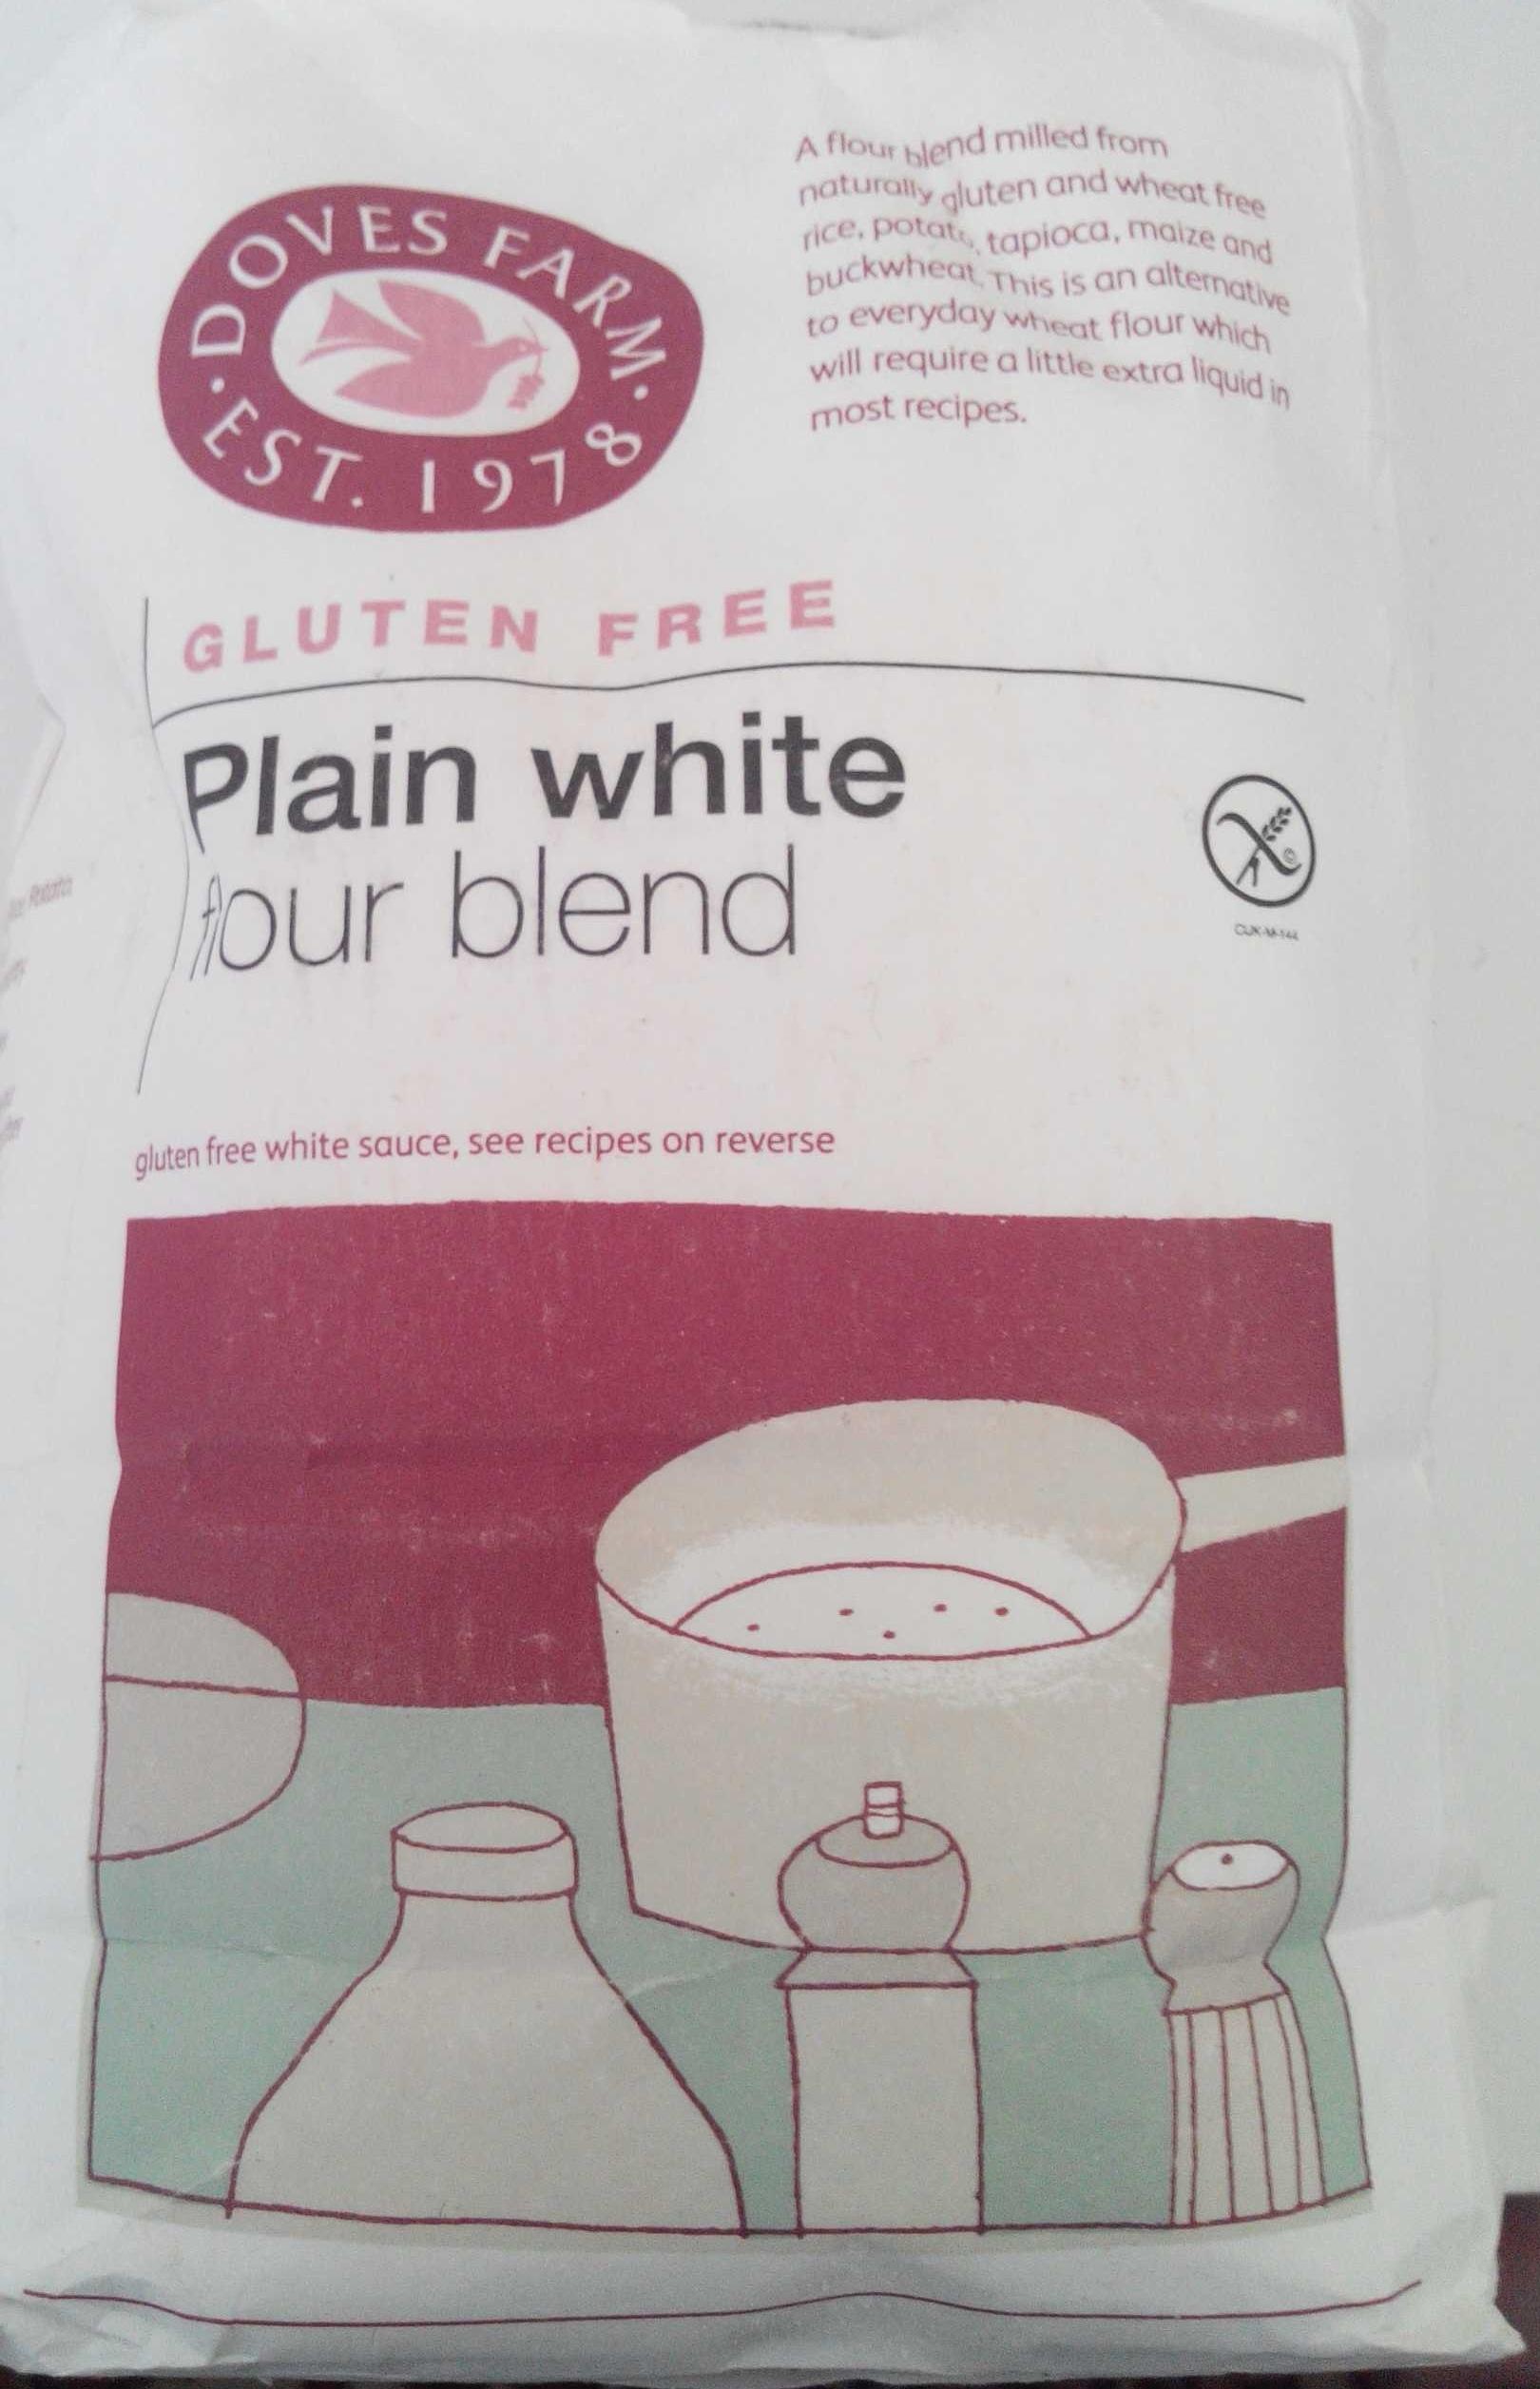 Plain white flour blend - Product